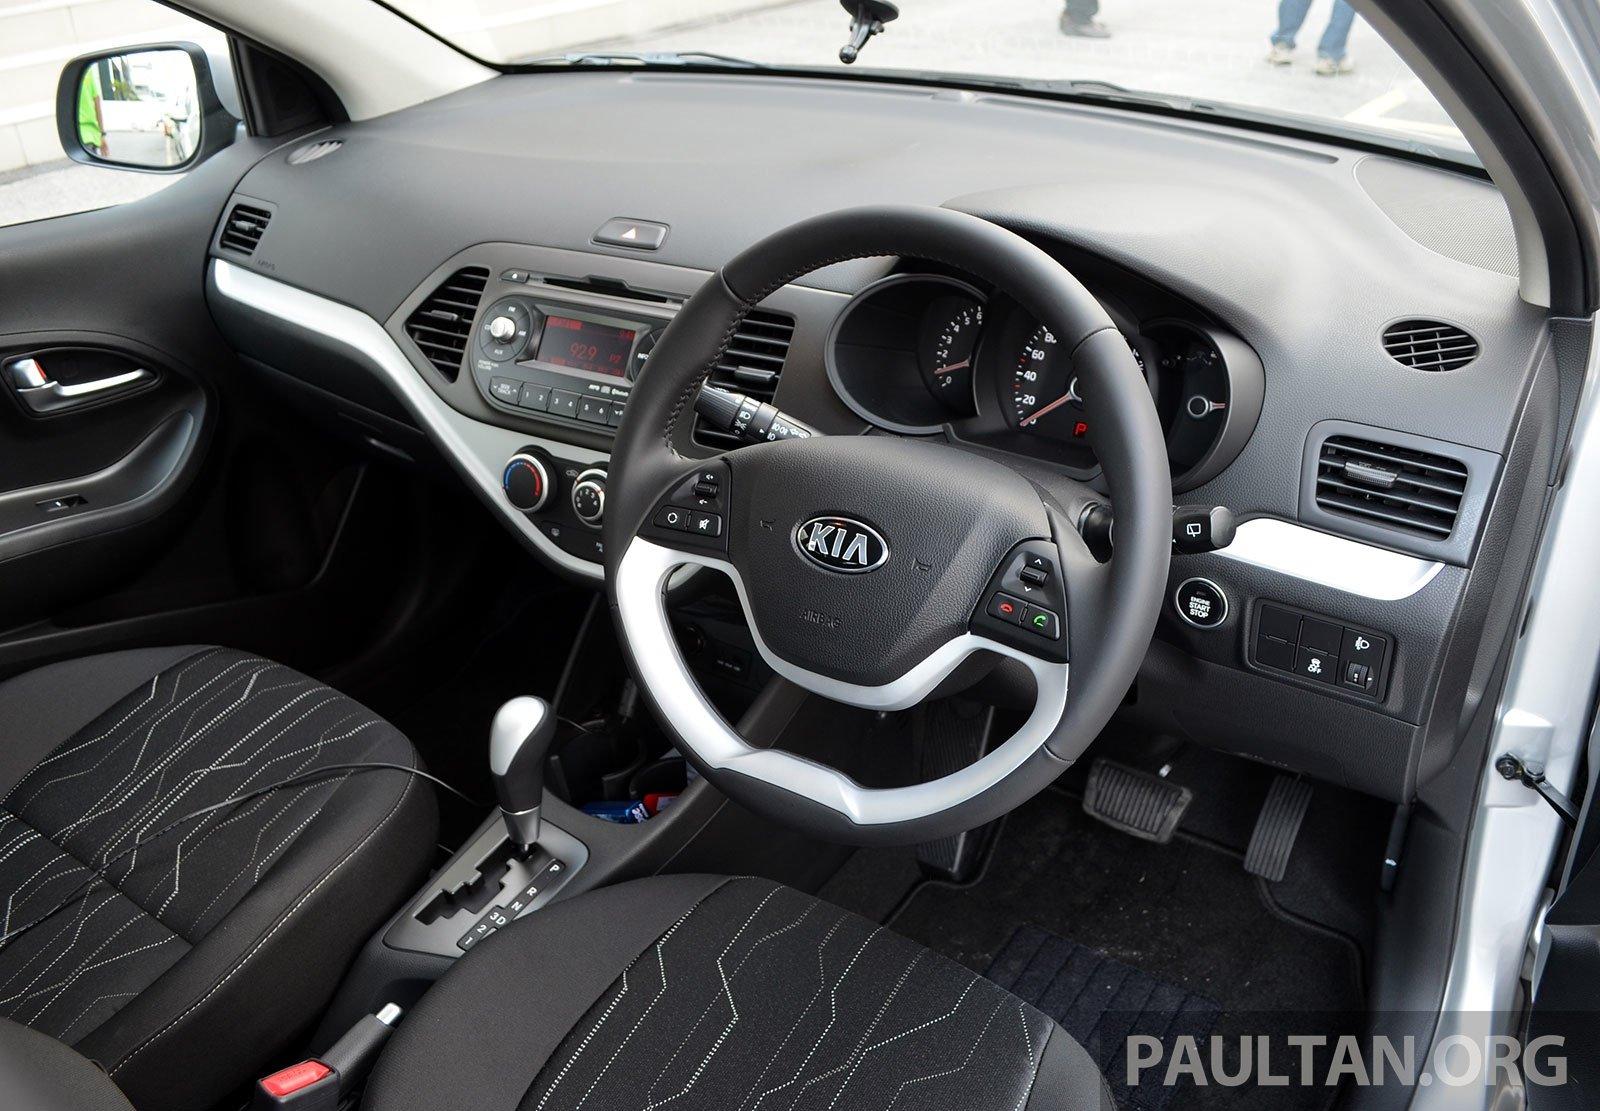 Kia Picanto Price Revealed